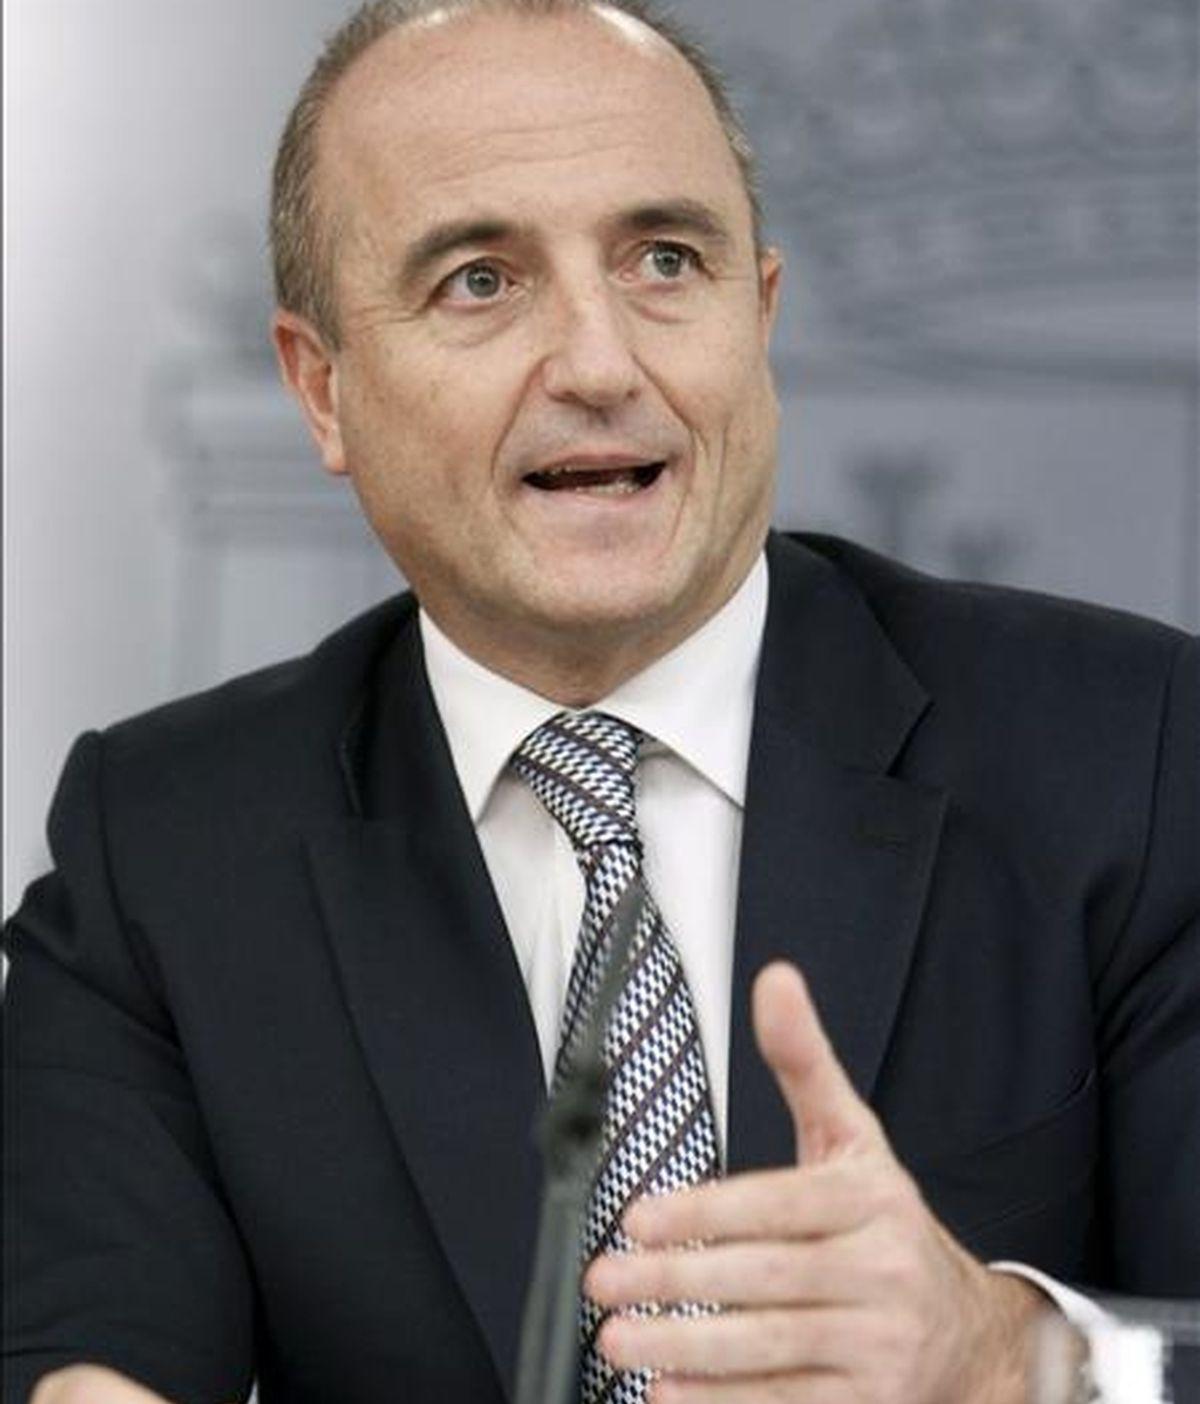 El ministro de Industria, Turismo y Comercio, Miguel Sebastián. EFE/Archivo